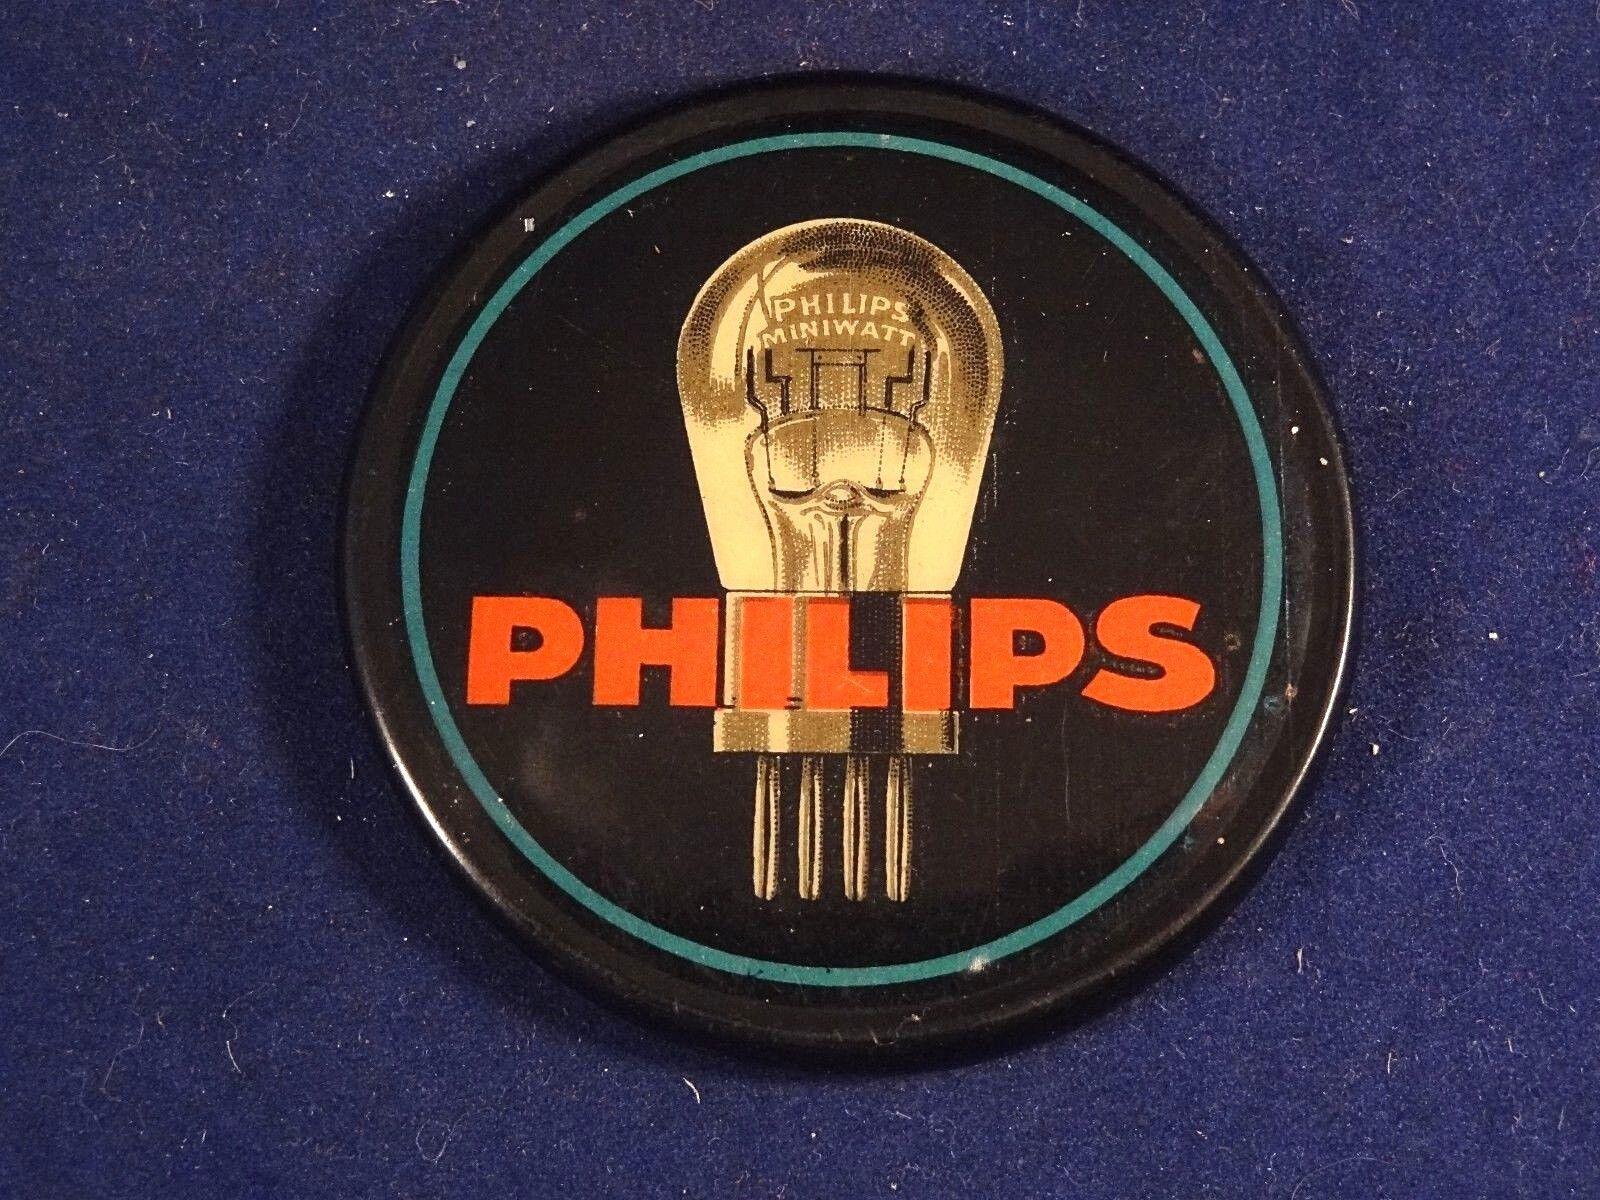 Des affiches pour des cadeaux, des rare coins coupés à envoyer! Joyeux Noël! Ancien rare des miroir de poche publicitaire ampoule PHILIPS électricité 5d453d